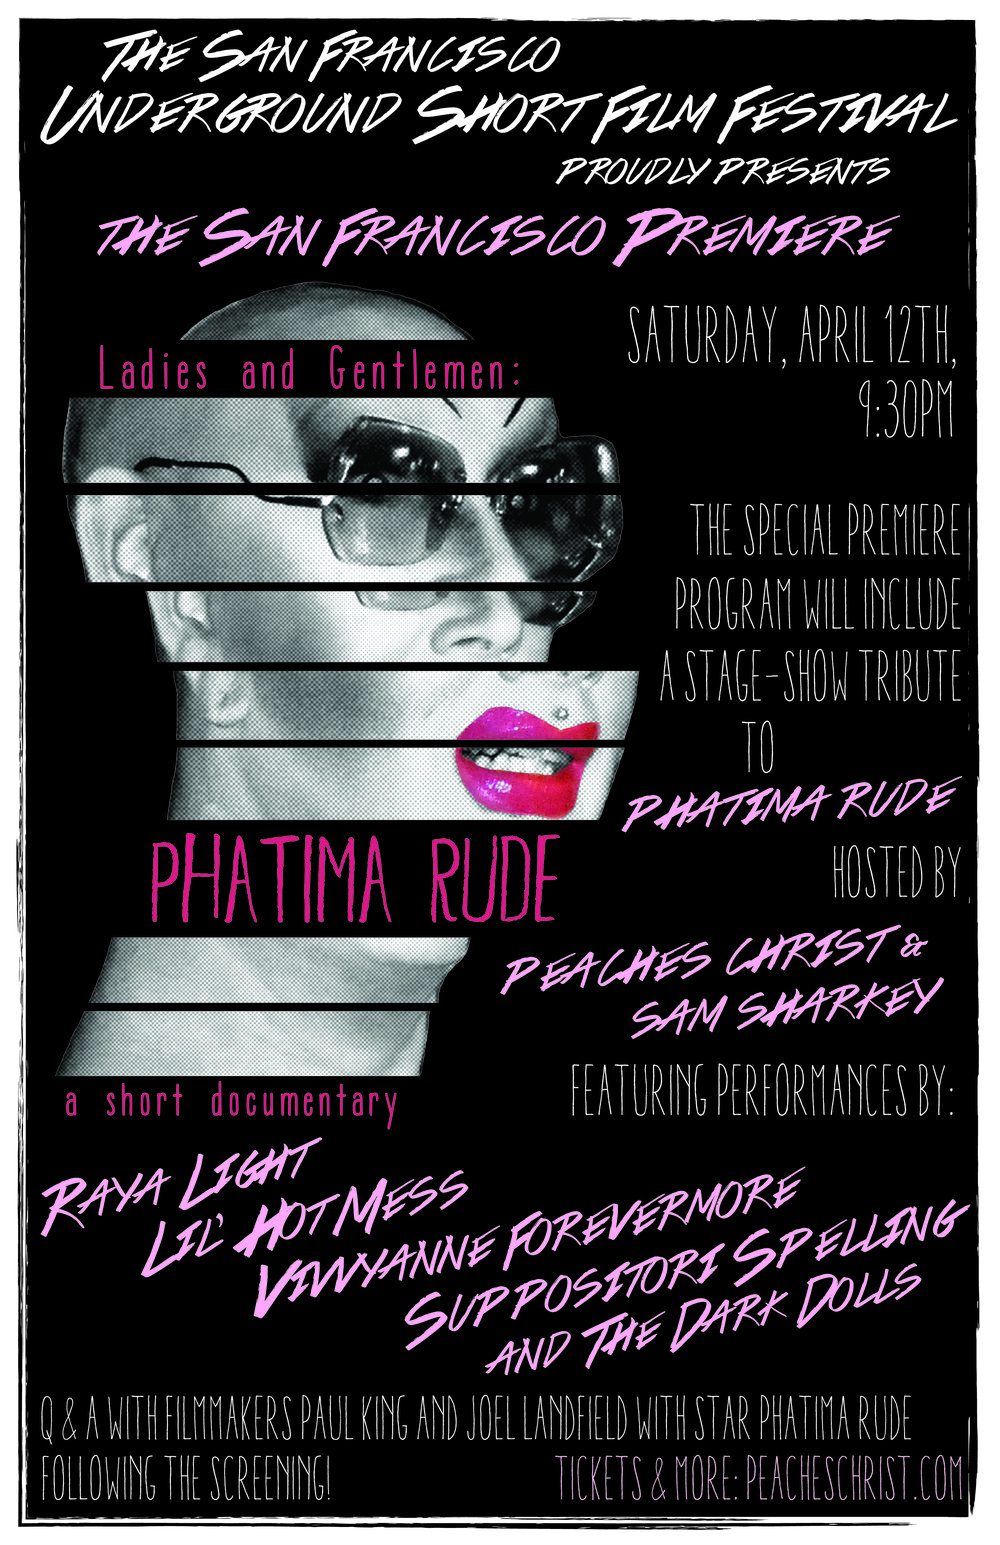 phatima rude_sf underground film_poster.jpg